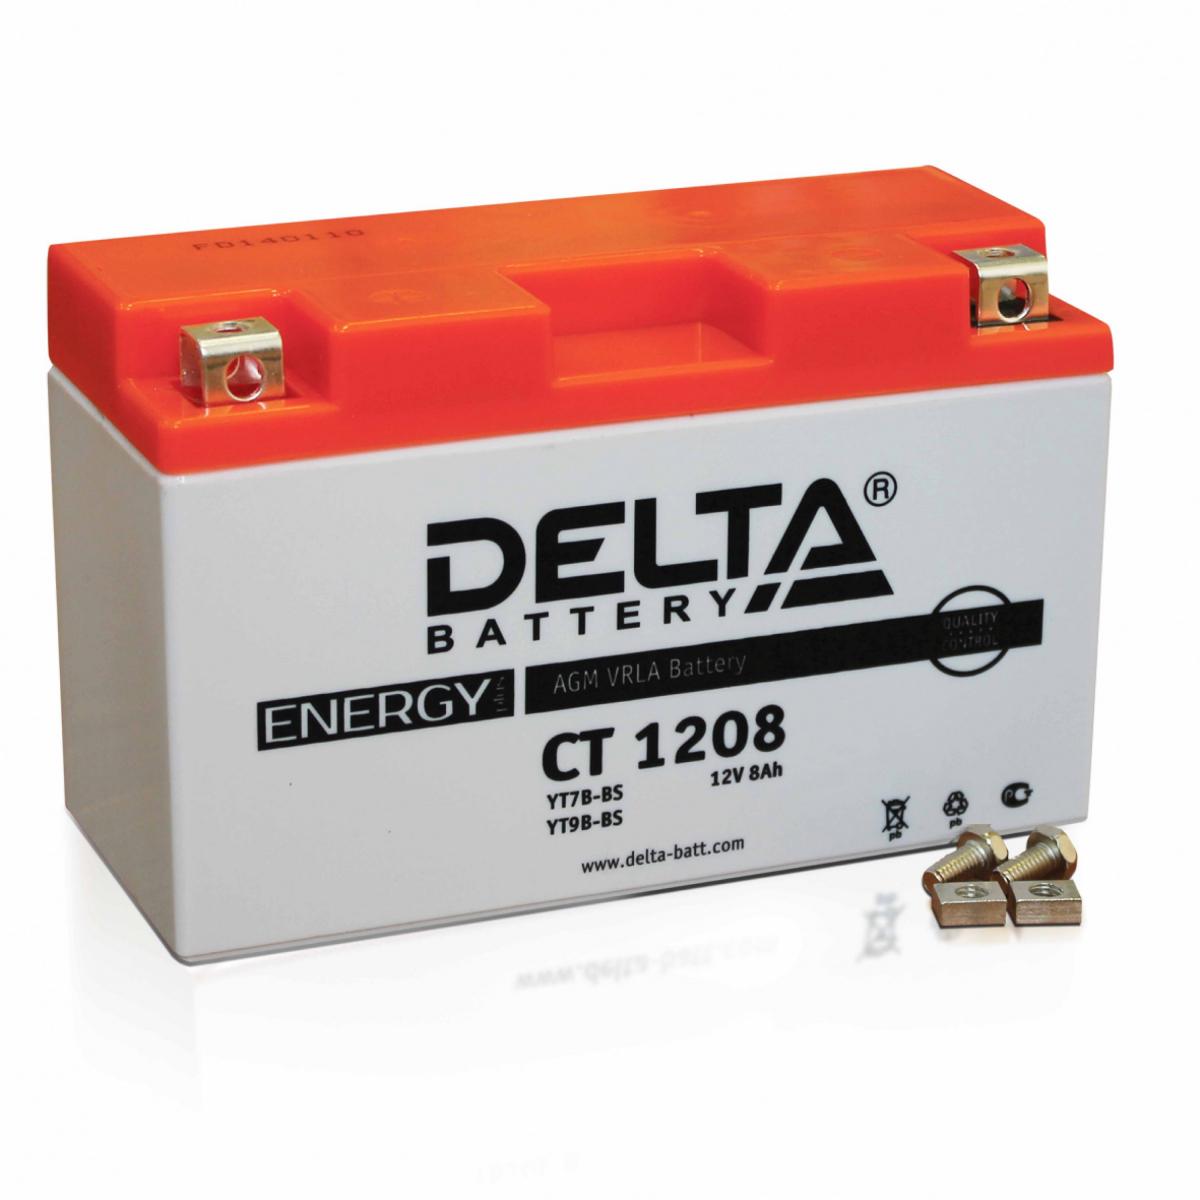 Delta CT1208 (YT7B-BS, YT9B-BS)